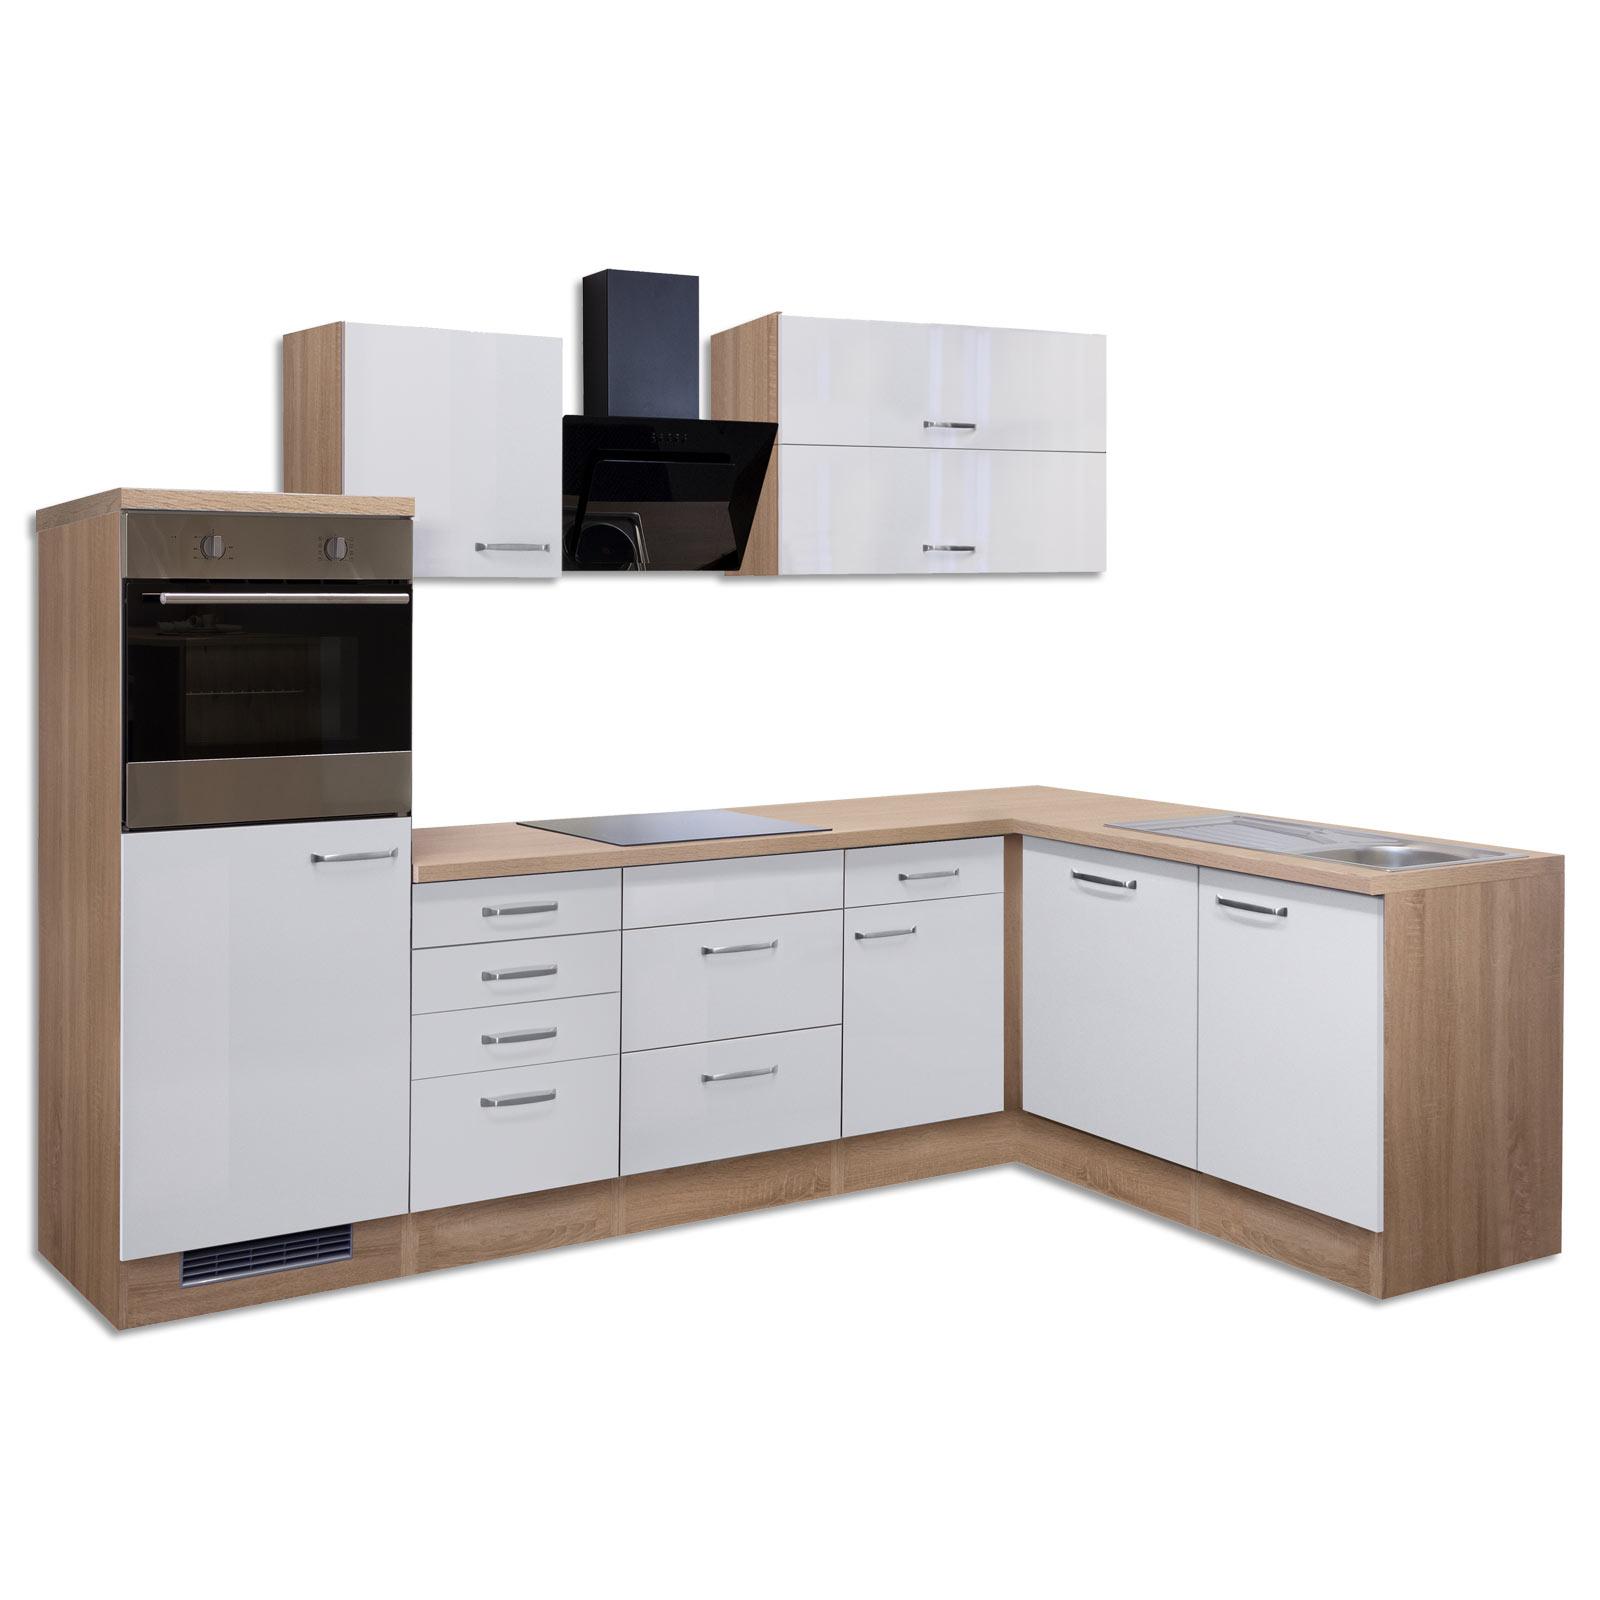 Winkelküche VALERO - weiß Hochglanz-Sonoma Eiche - mit E